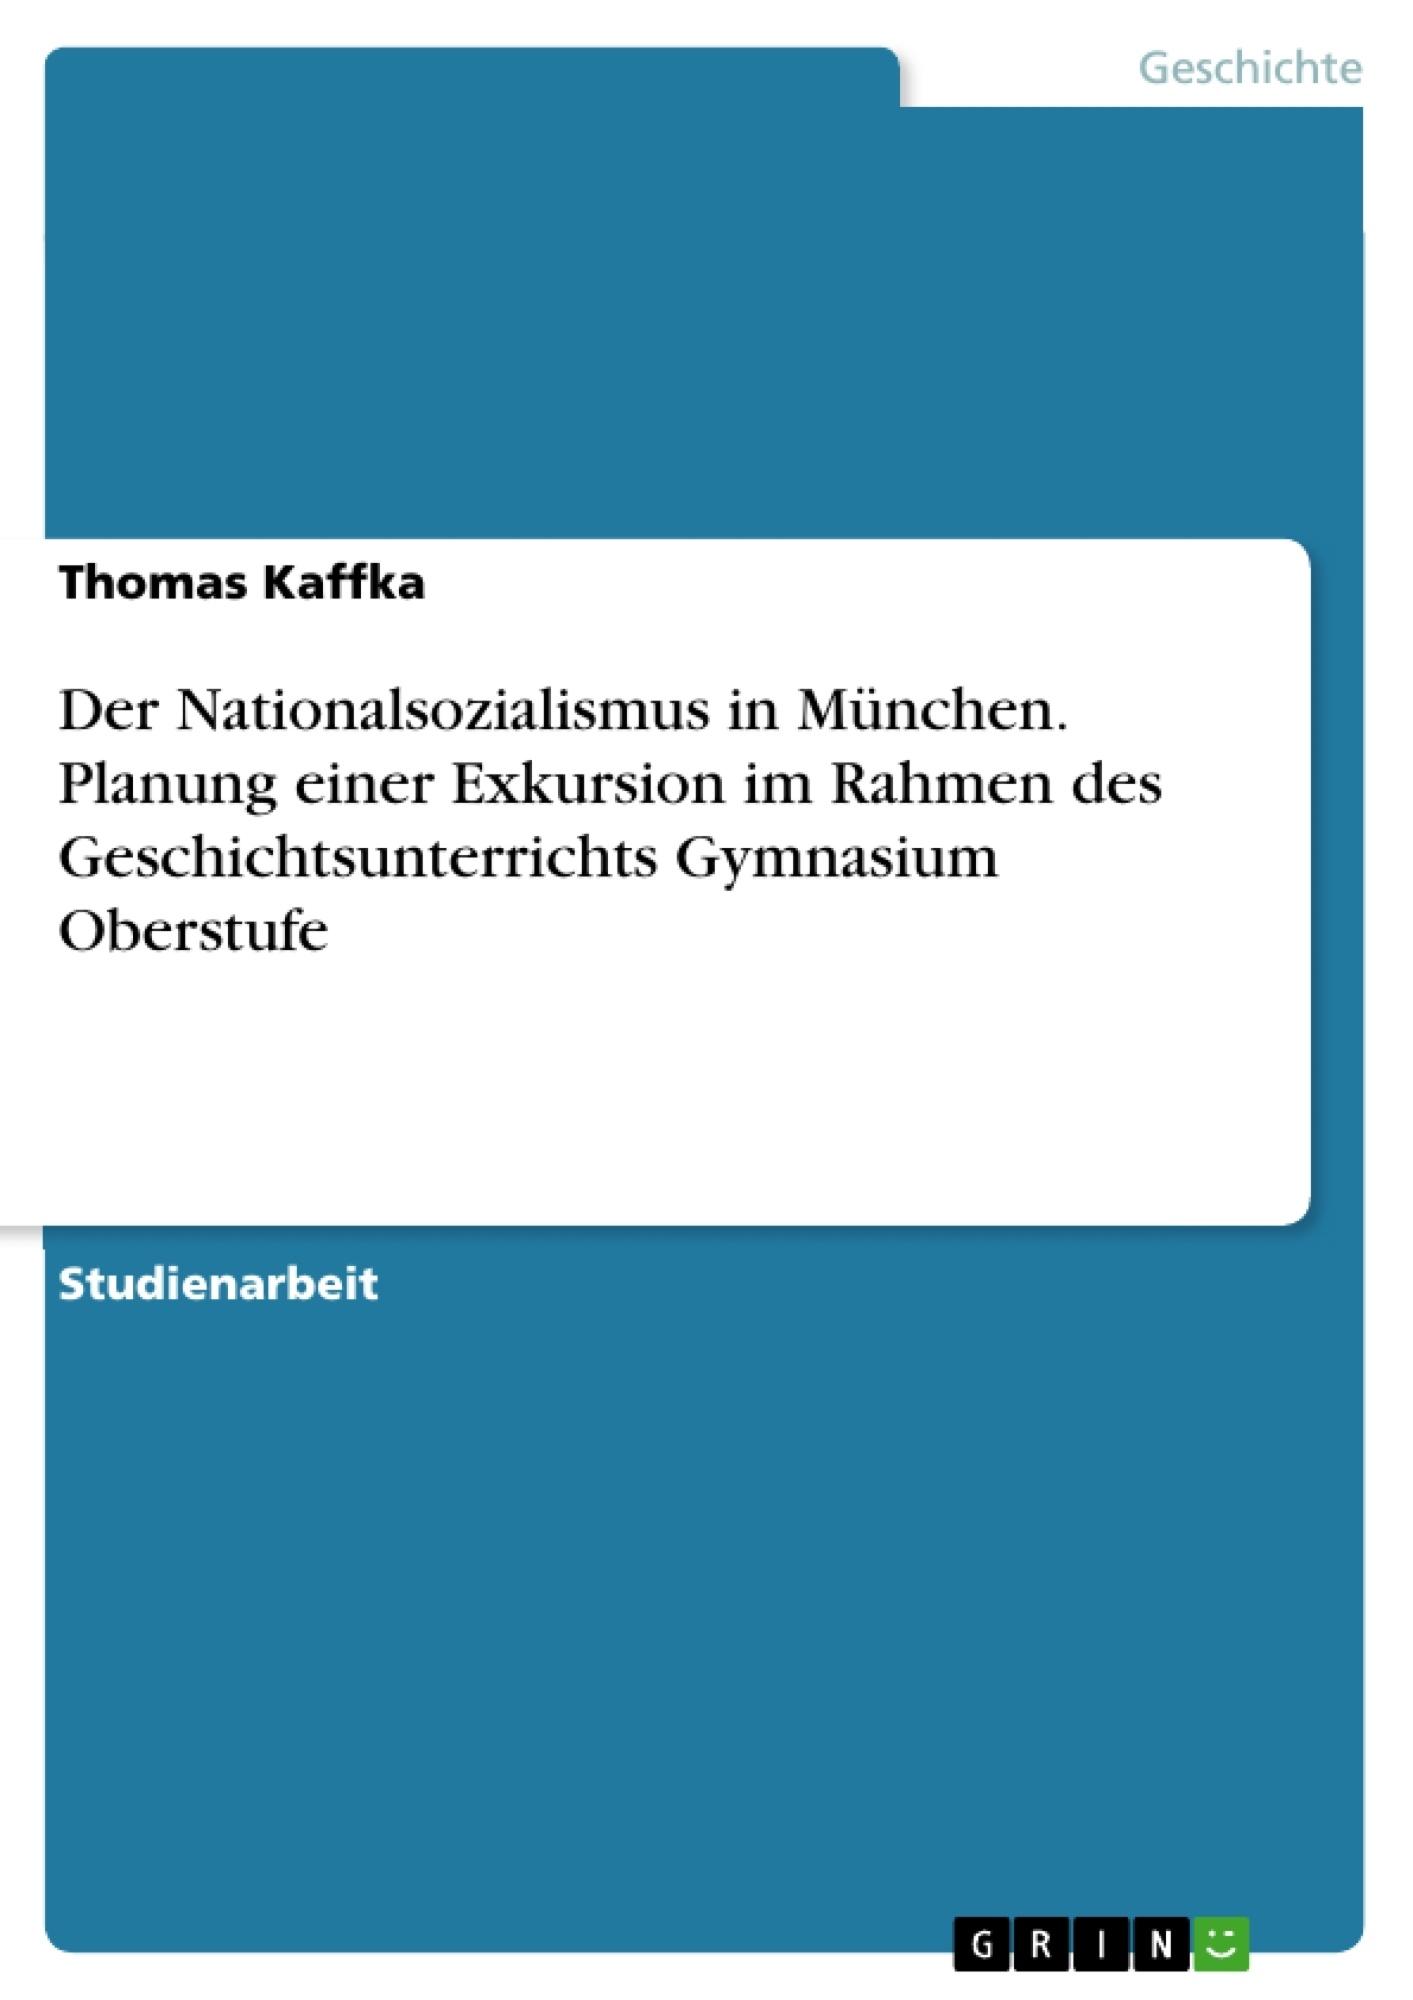 Titel: Der Nationalsozialismus in München. Planung einer Exkursion im Rahmen des Geschichtsunterrichts Gymnasium Oberstufe